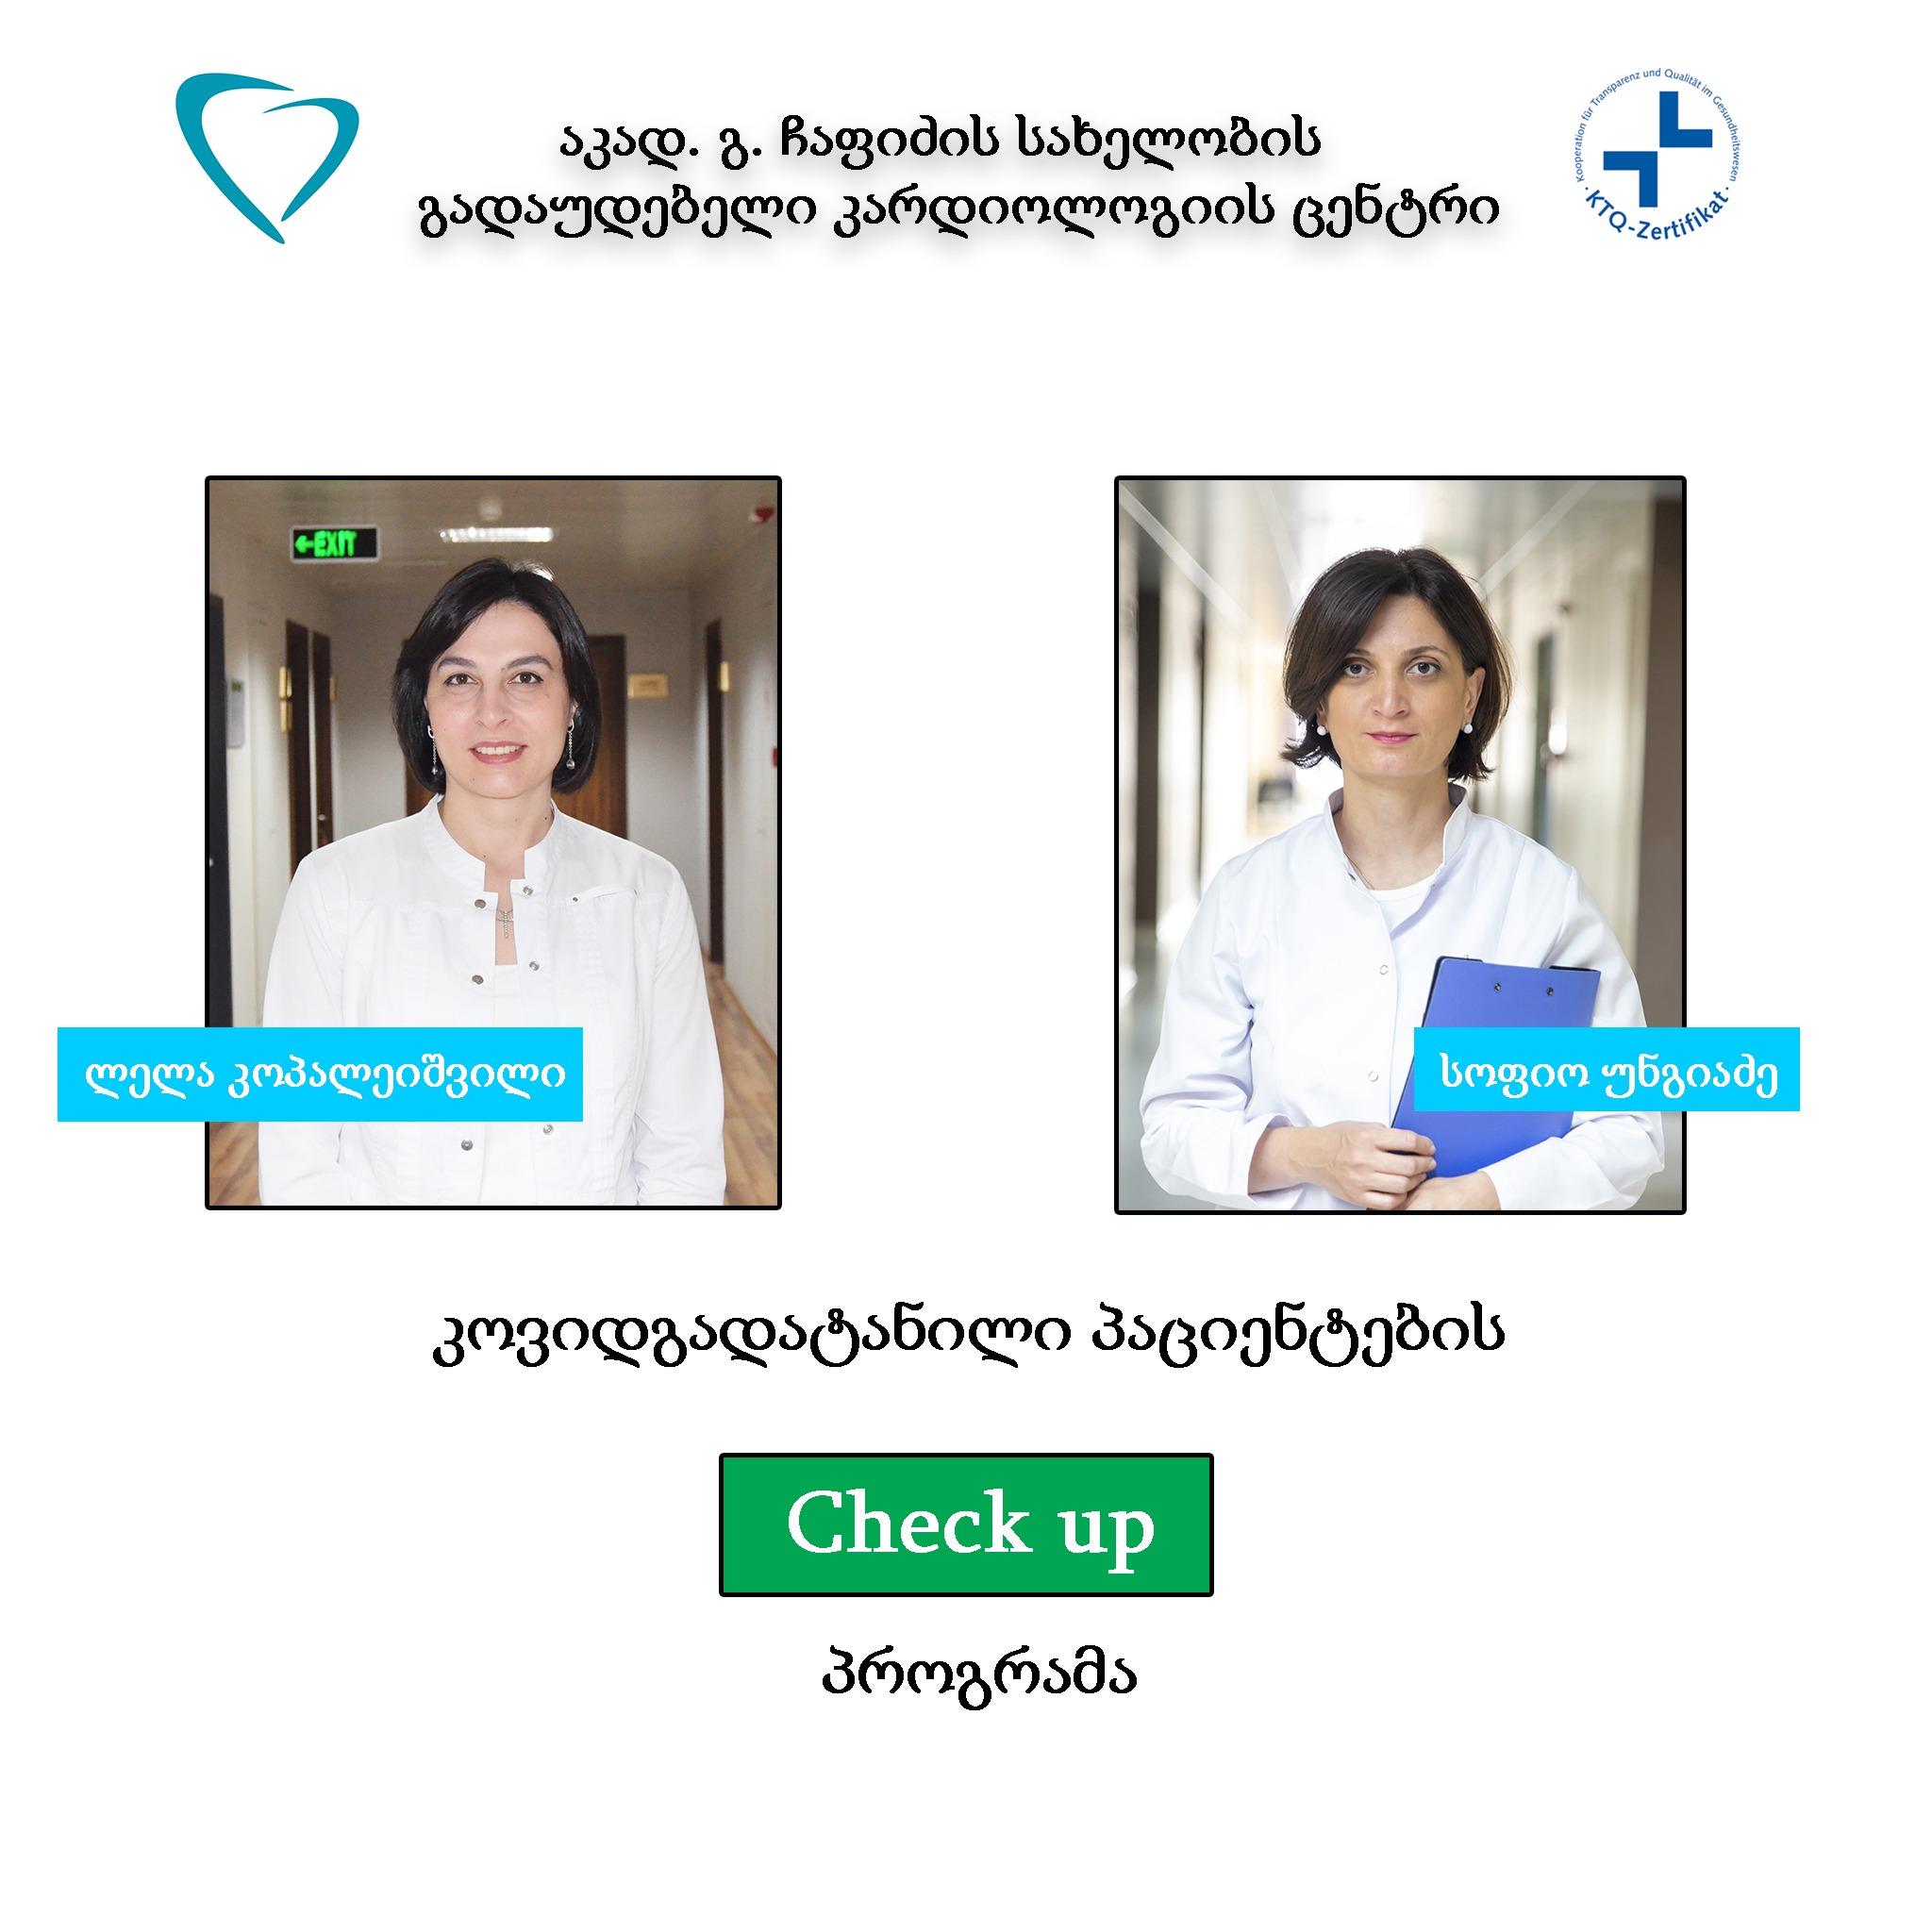 კოვიდგადატანილი პაციენტების CHECK UP პროგრამა